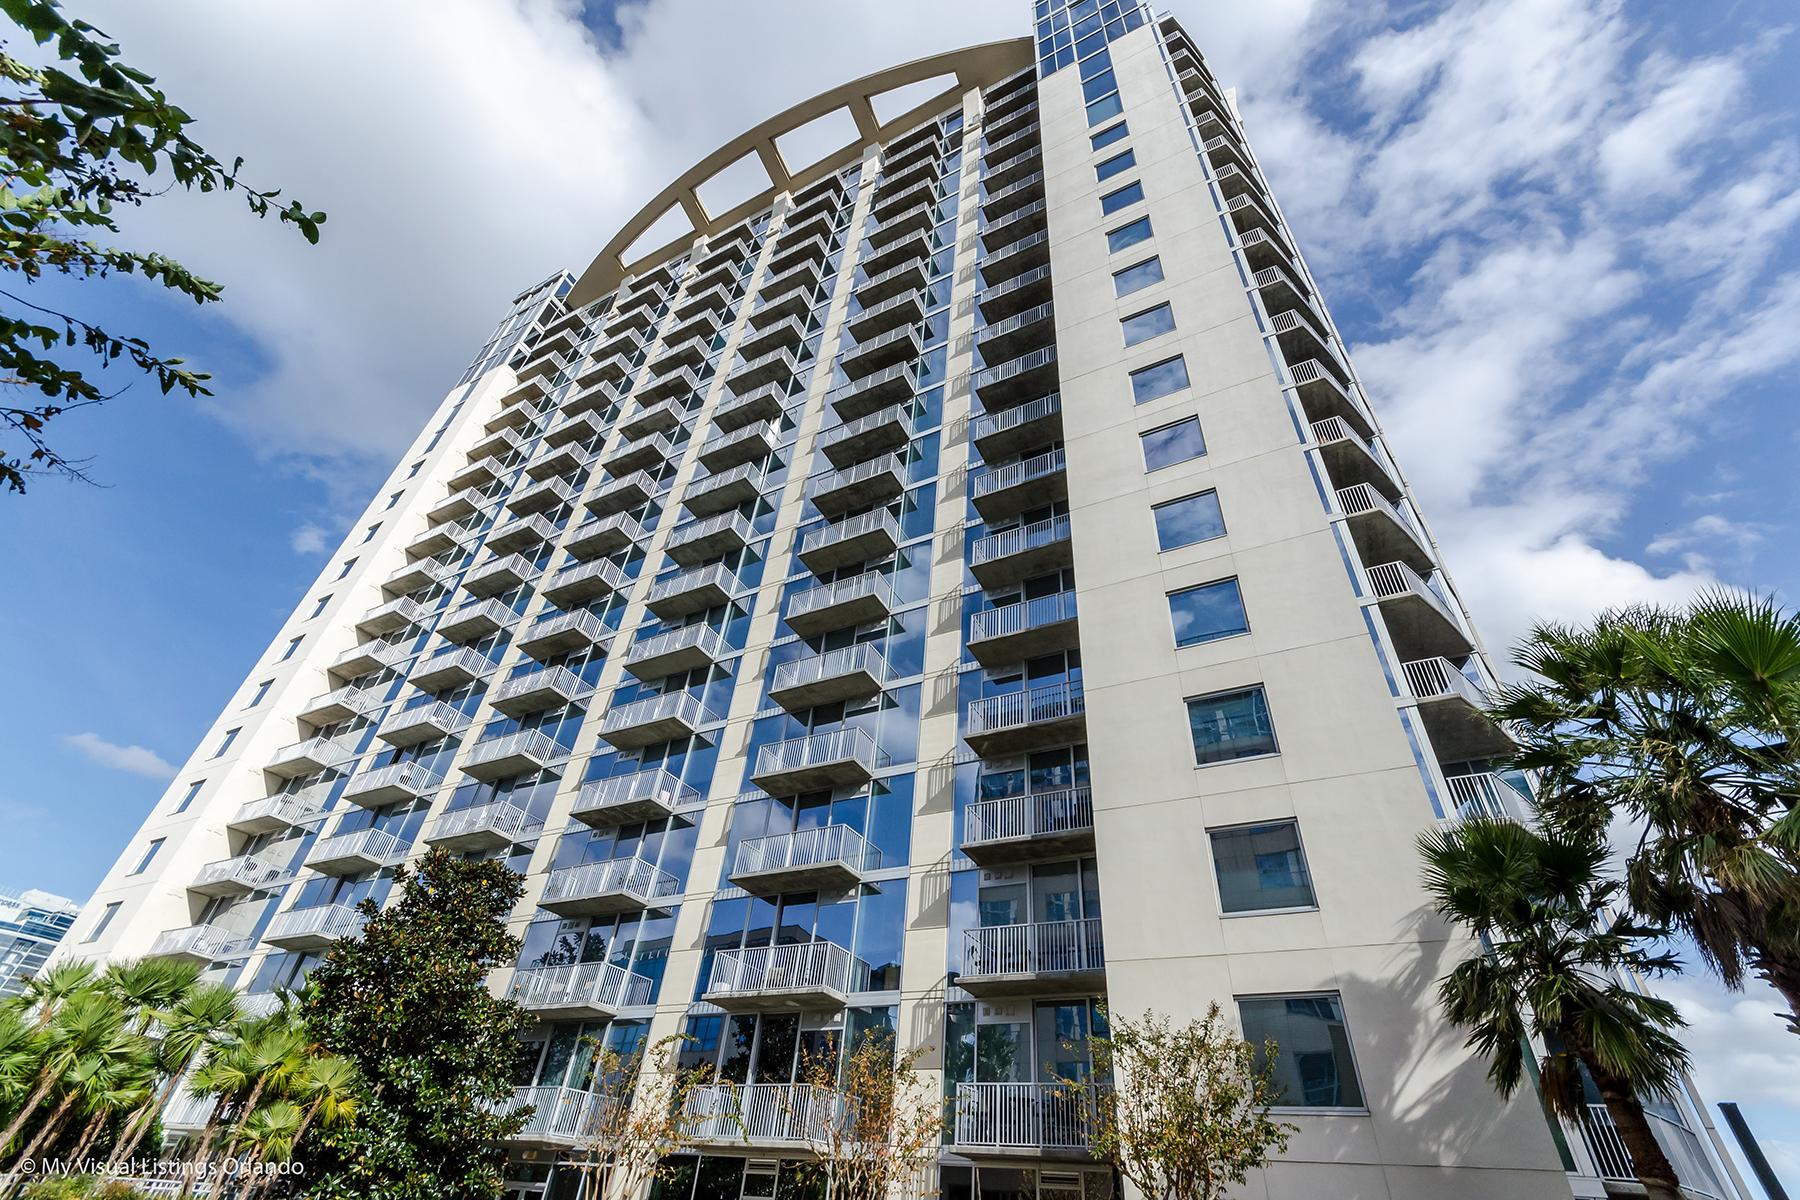 共管式独立产权公寓 为 销售 在 Orlando - Downtown 155 S Court Ave 1305, 奥兰多, 佛罗里达州, 32801 美国